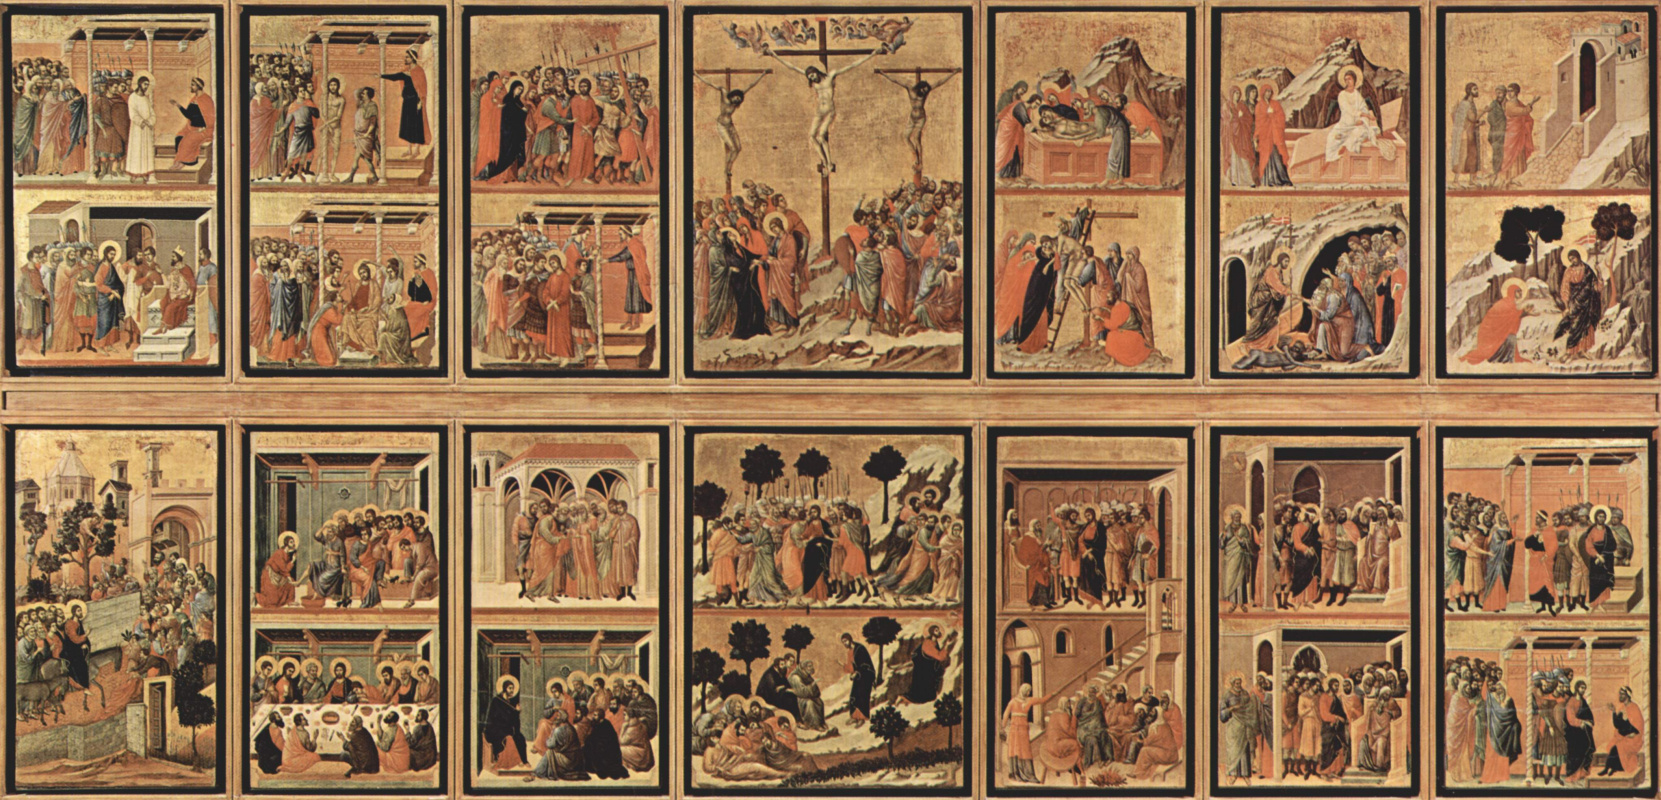 Дуччо ди Буонинсенья. Маэста, алтарь сиенского кафедрального собора, оборотная сторона, Регистр со сценами Страстей Христовых, общий вид